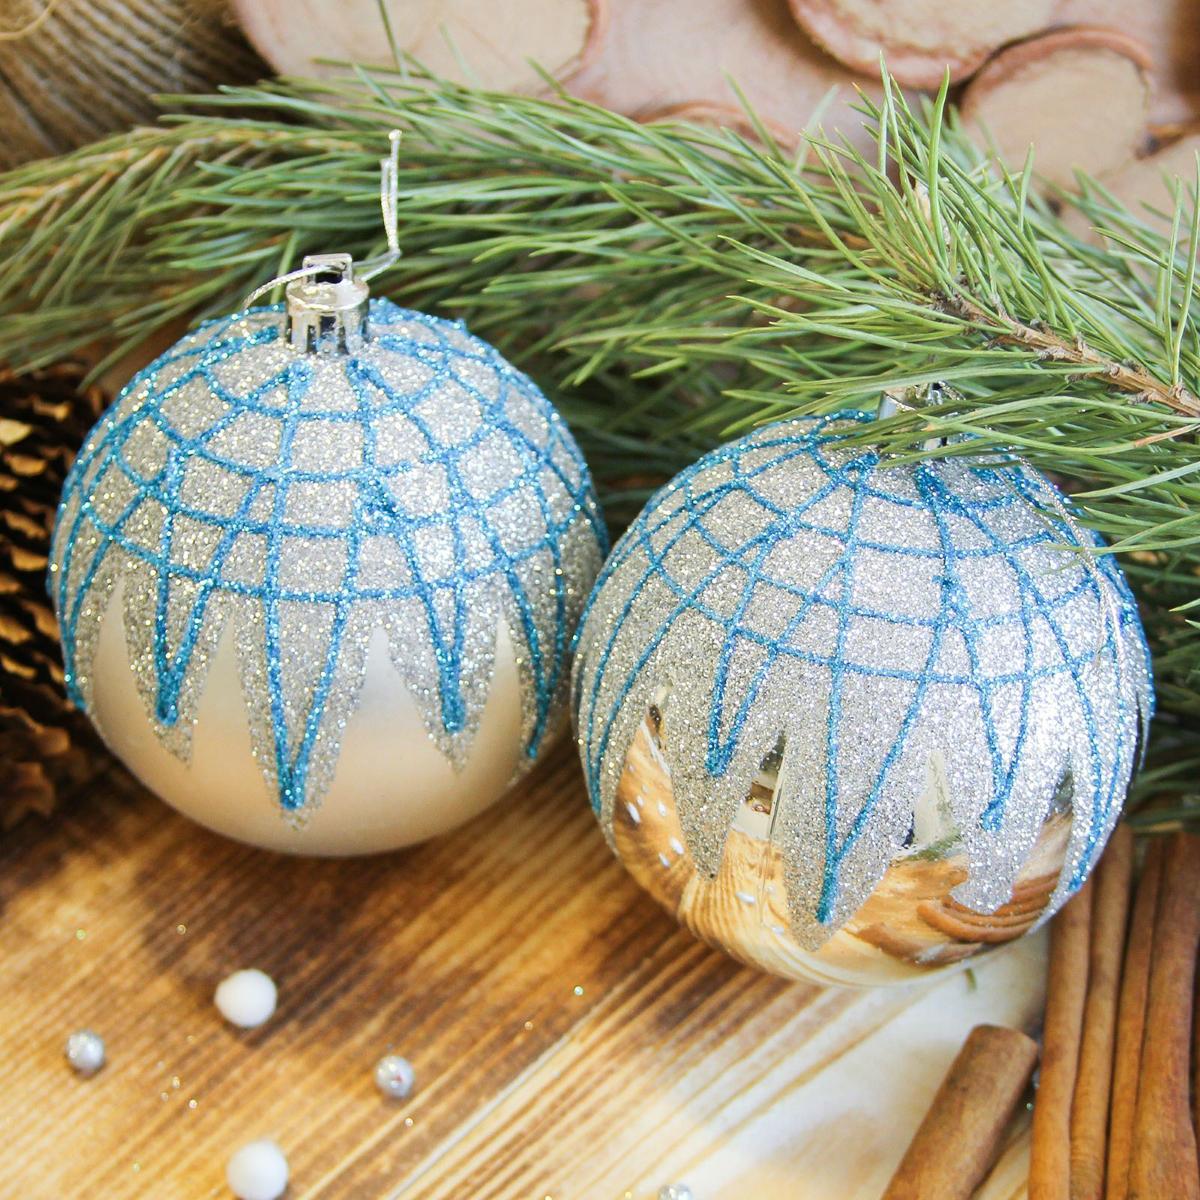 Набор новогодних подвесных украшений Sima-land Блюз, диаметр 8 см, 6 шт2122977Набор новогодних подвесных украшений Sima-land отлично подойдет для декорации вашего дома и новогодней ели. С помощью специальной петельки украшение можно повесить в любом понравившемся вам месте. Но, конечно, удачнее всего оно будет смотреться на праздничной елке. Елочная игрушка - символ Нового года. Она несет в себе волшебство и красоту праздника. Создайте в своем доме атмосферу веселья и радости, украшая новогоднюю елку нарядными игрушками, которые будут из года в год накапливать теплоту воспоминаний.